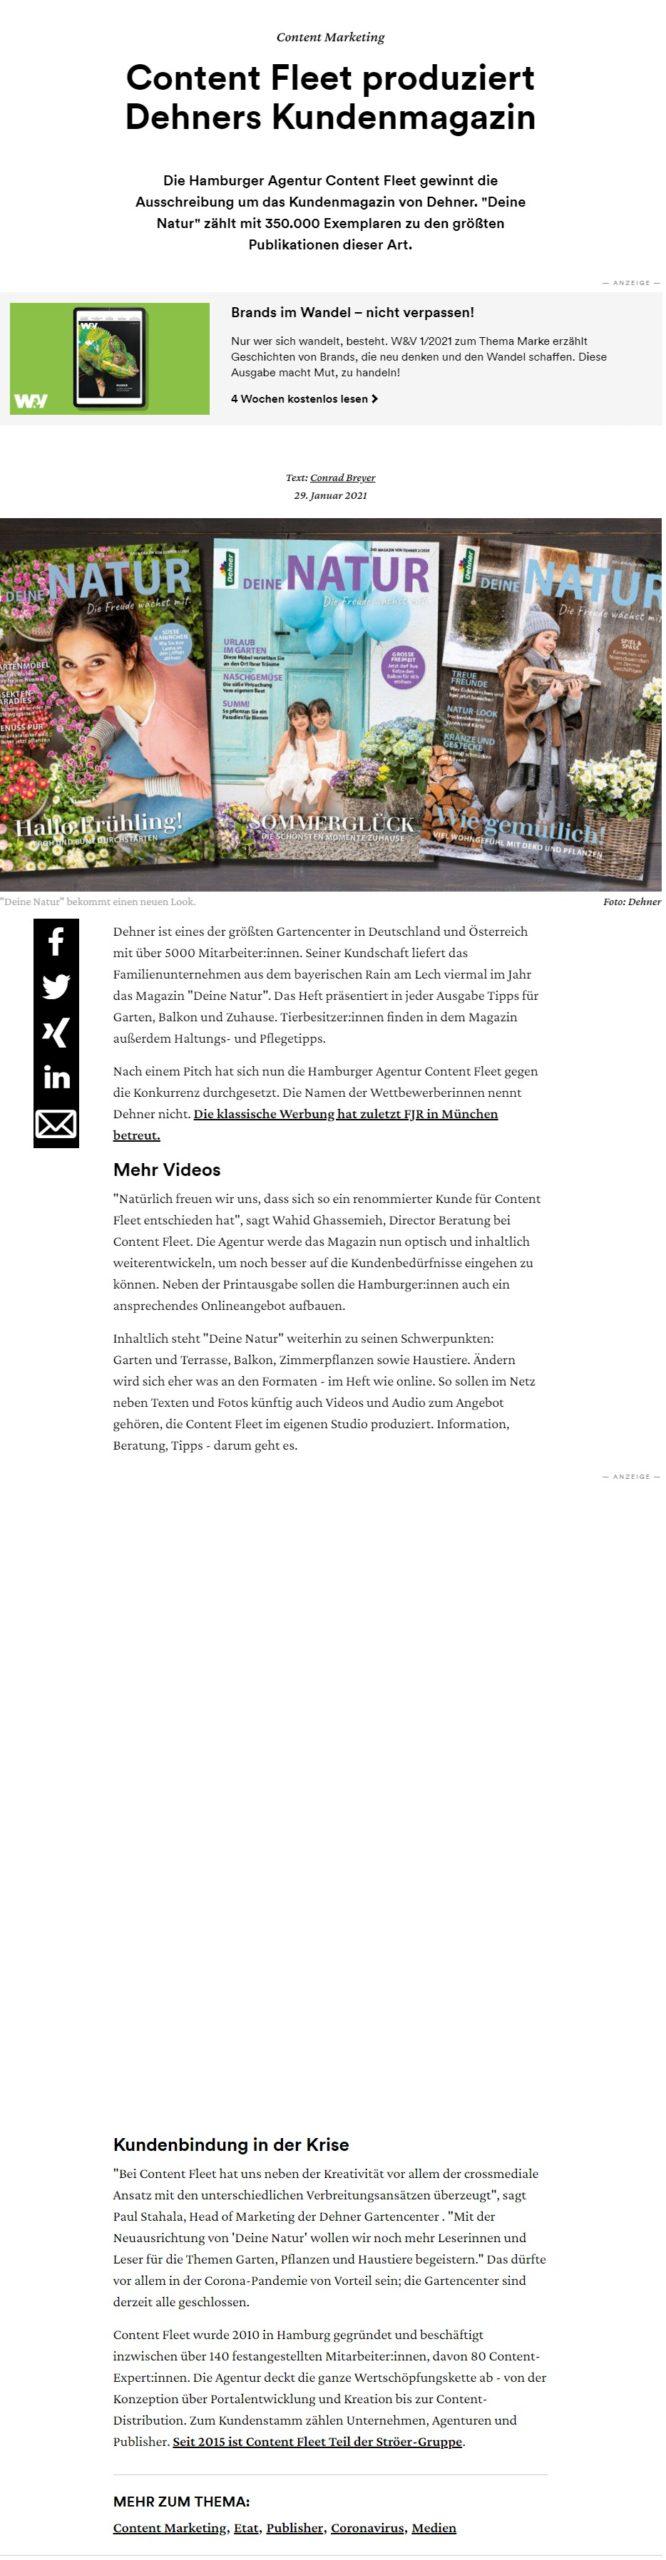 Content Fleet produziert zukünftig das Dehner Kundenmagazin. W&V berichtet darüber.